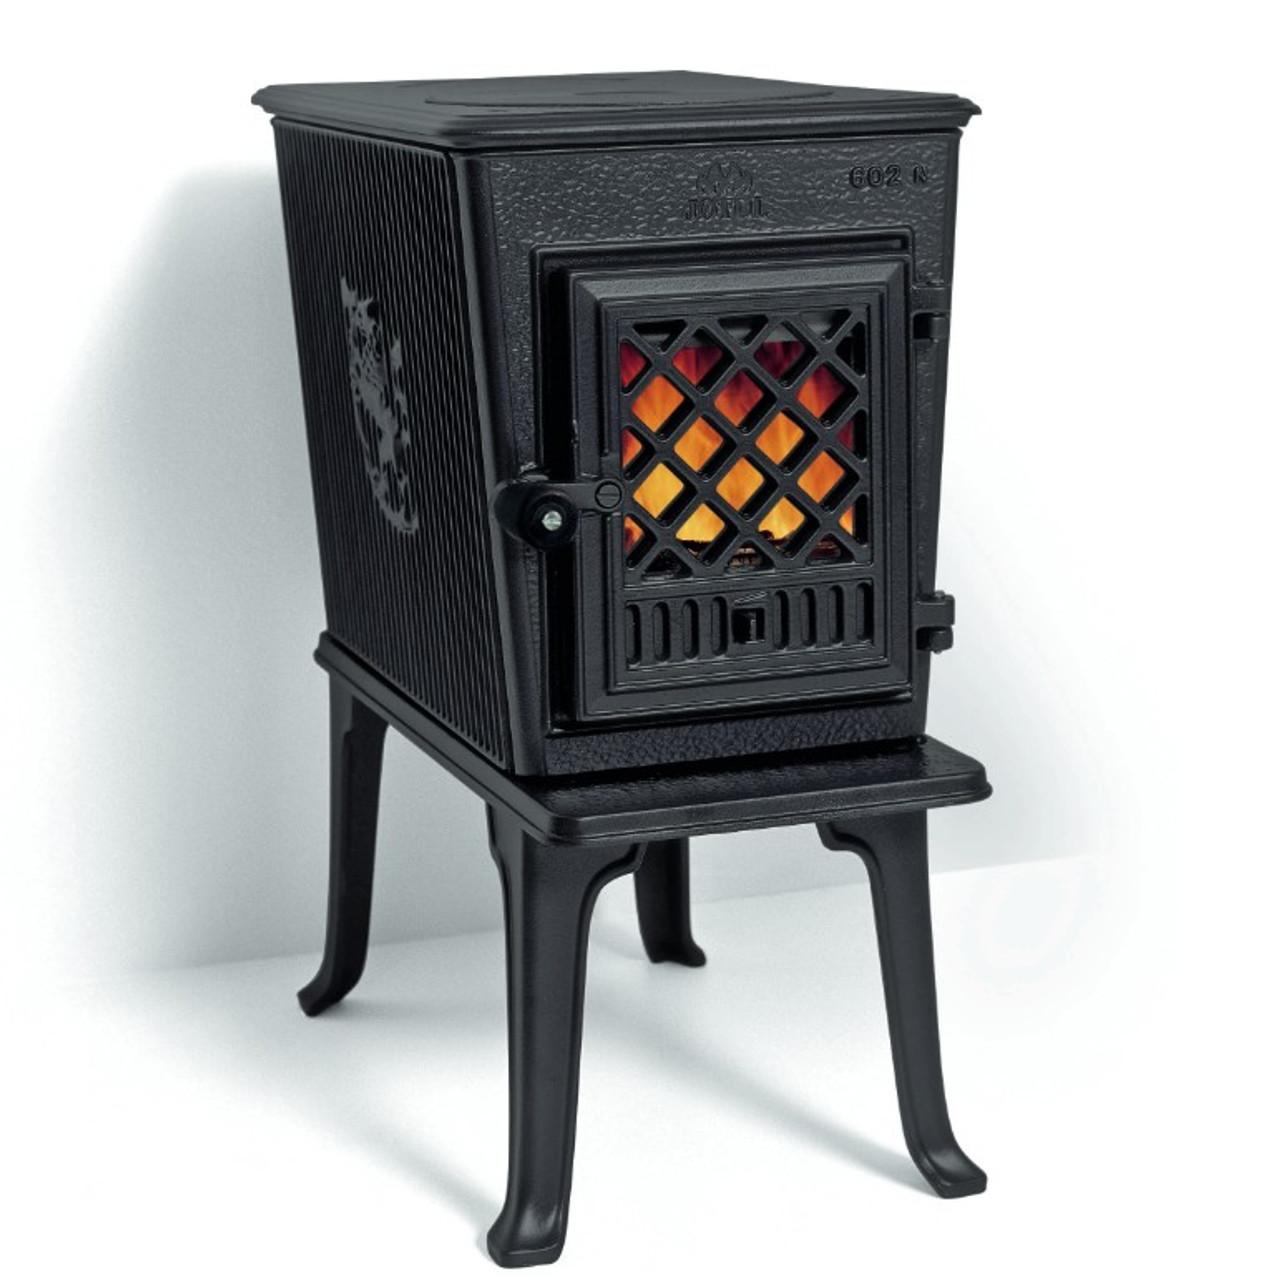 Jotul F 602 V2 Wood Burning Stove